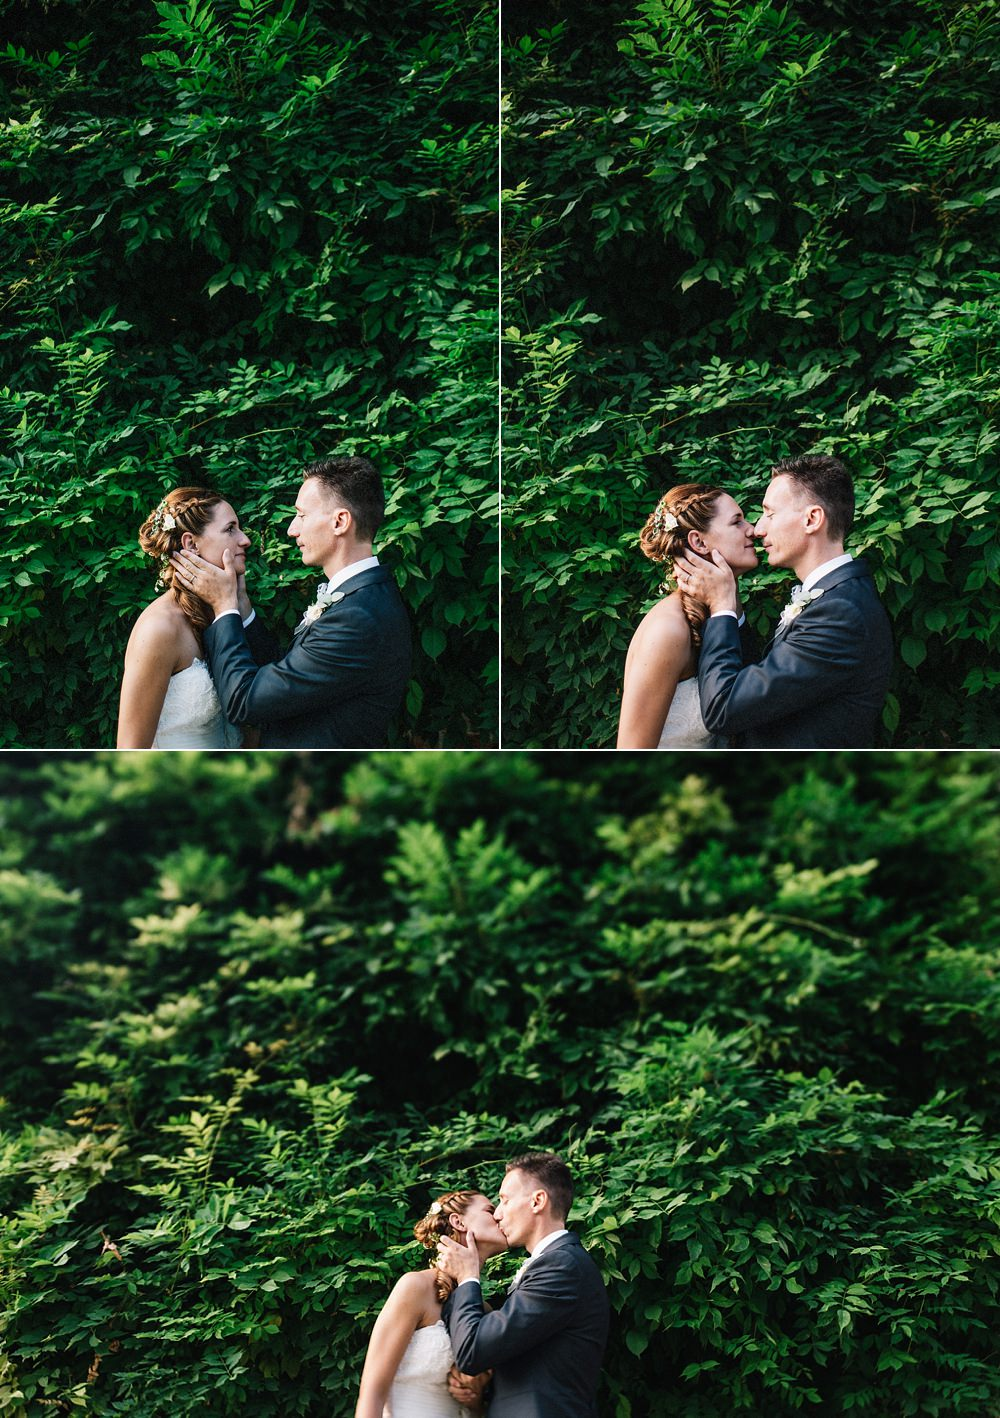 fotografo-matrimonio-non-convenzionale-0062